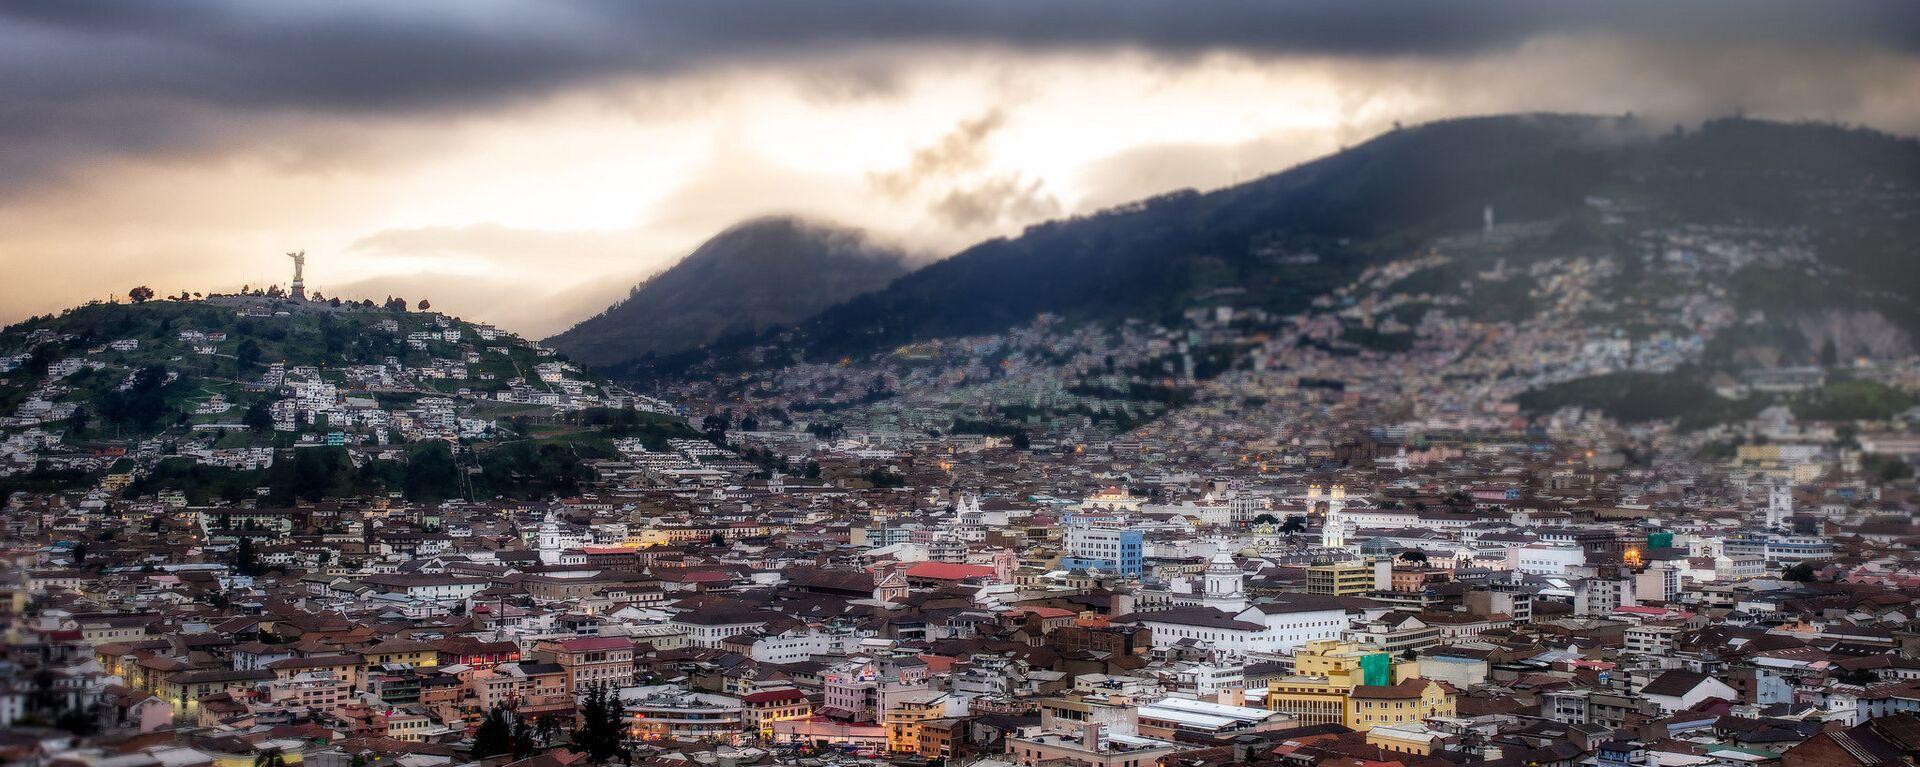 Quito, la capital de Ecuador - Sputnik Mundo, 1920, 16.06.2021